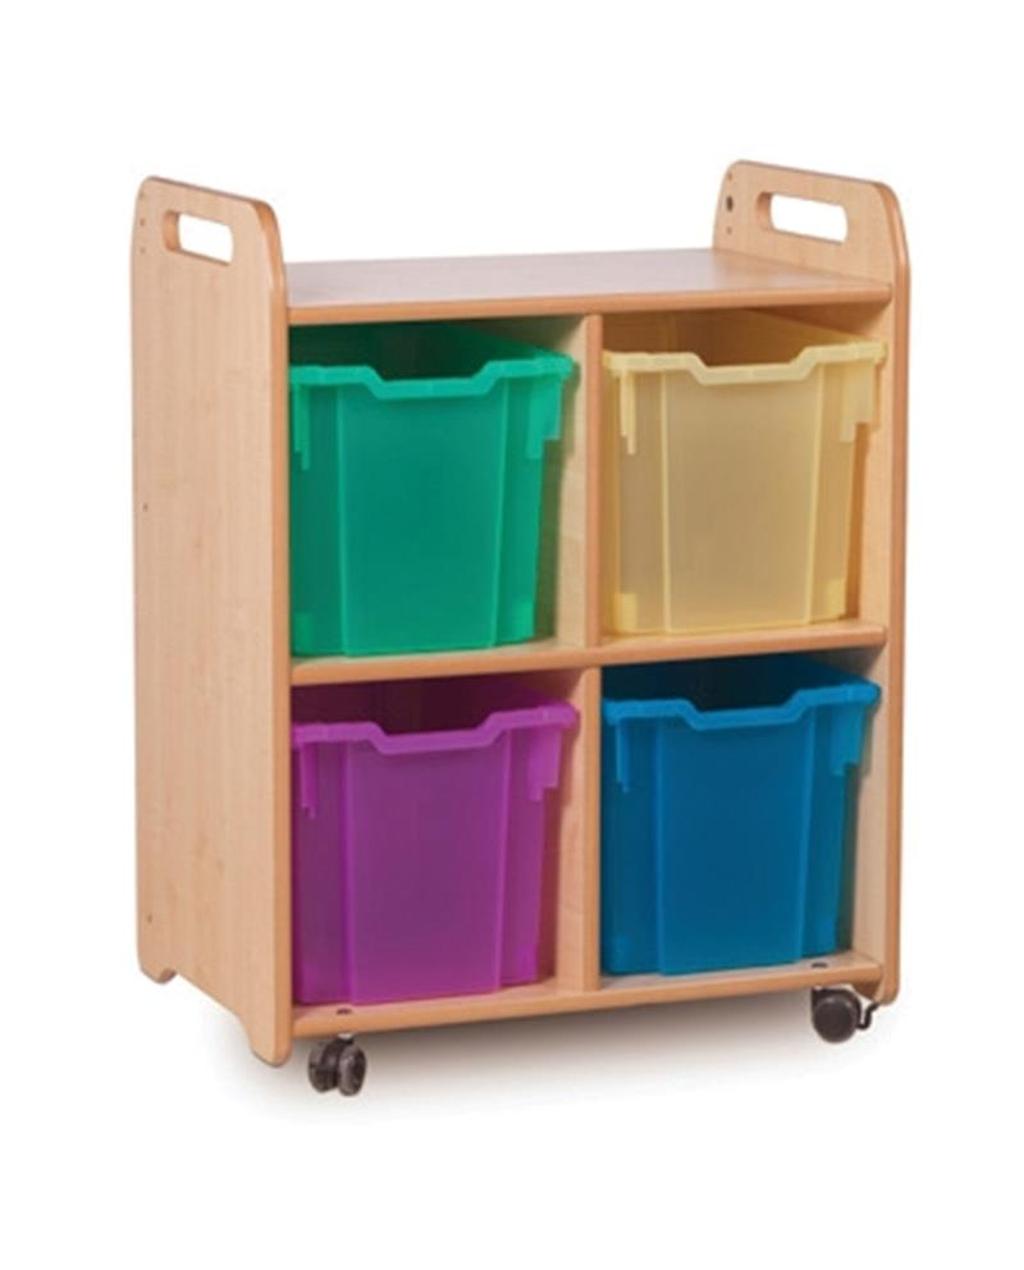 2 Column Storage Unit with trays